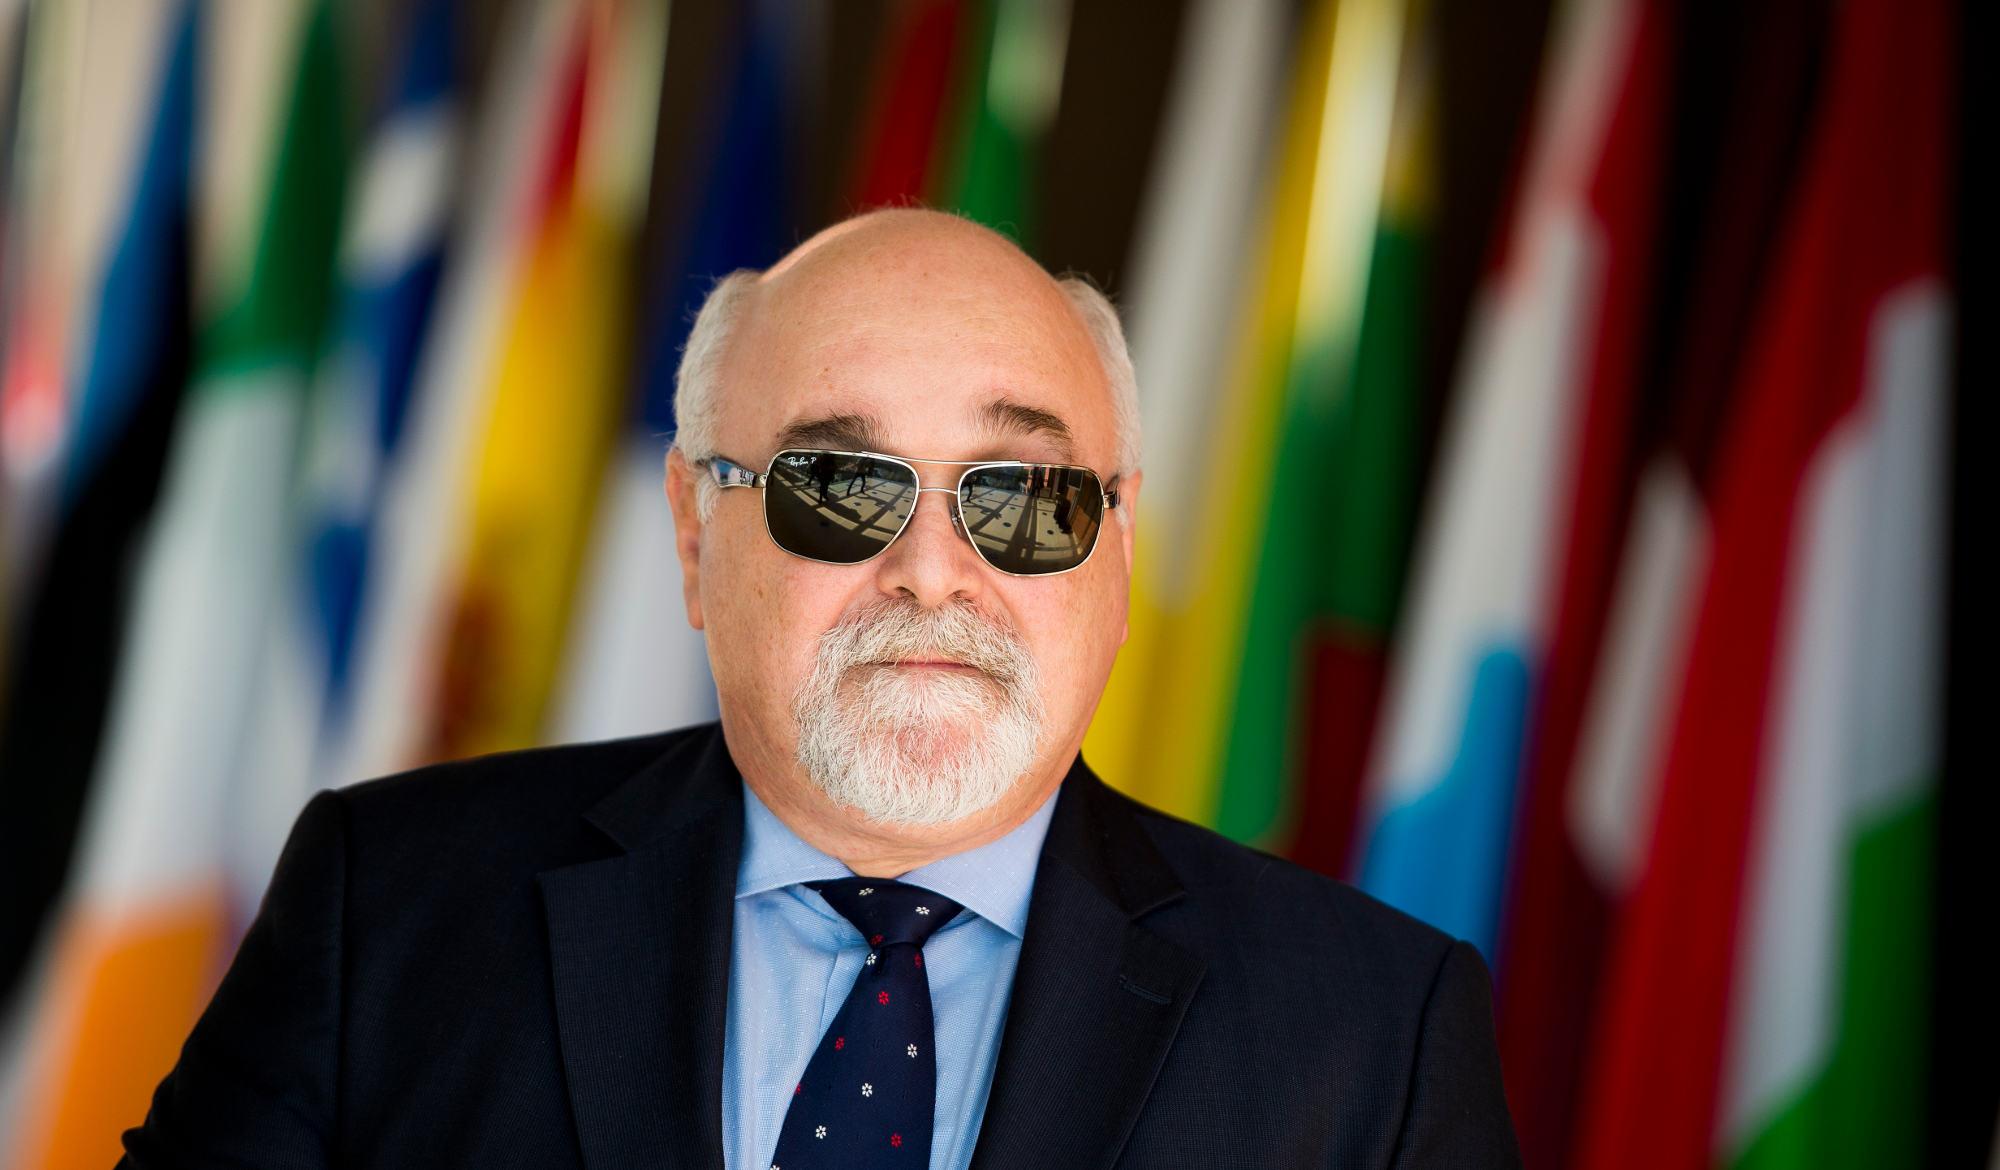 Ε.Σ.Α.μεΑ.:Συναντήσεις σε ευρωπαϊκό επίπεδο για τον Ι. Βαρδακαστάνη για θέματα αναπηρίας [vid]